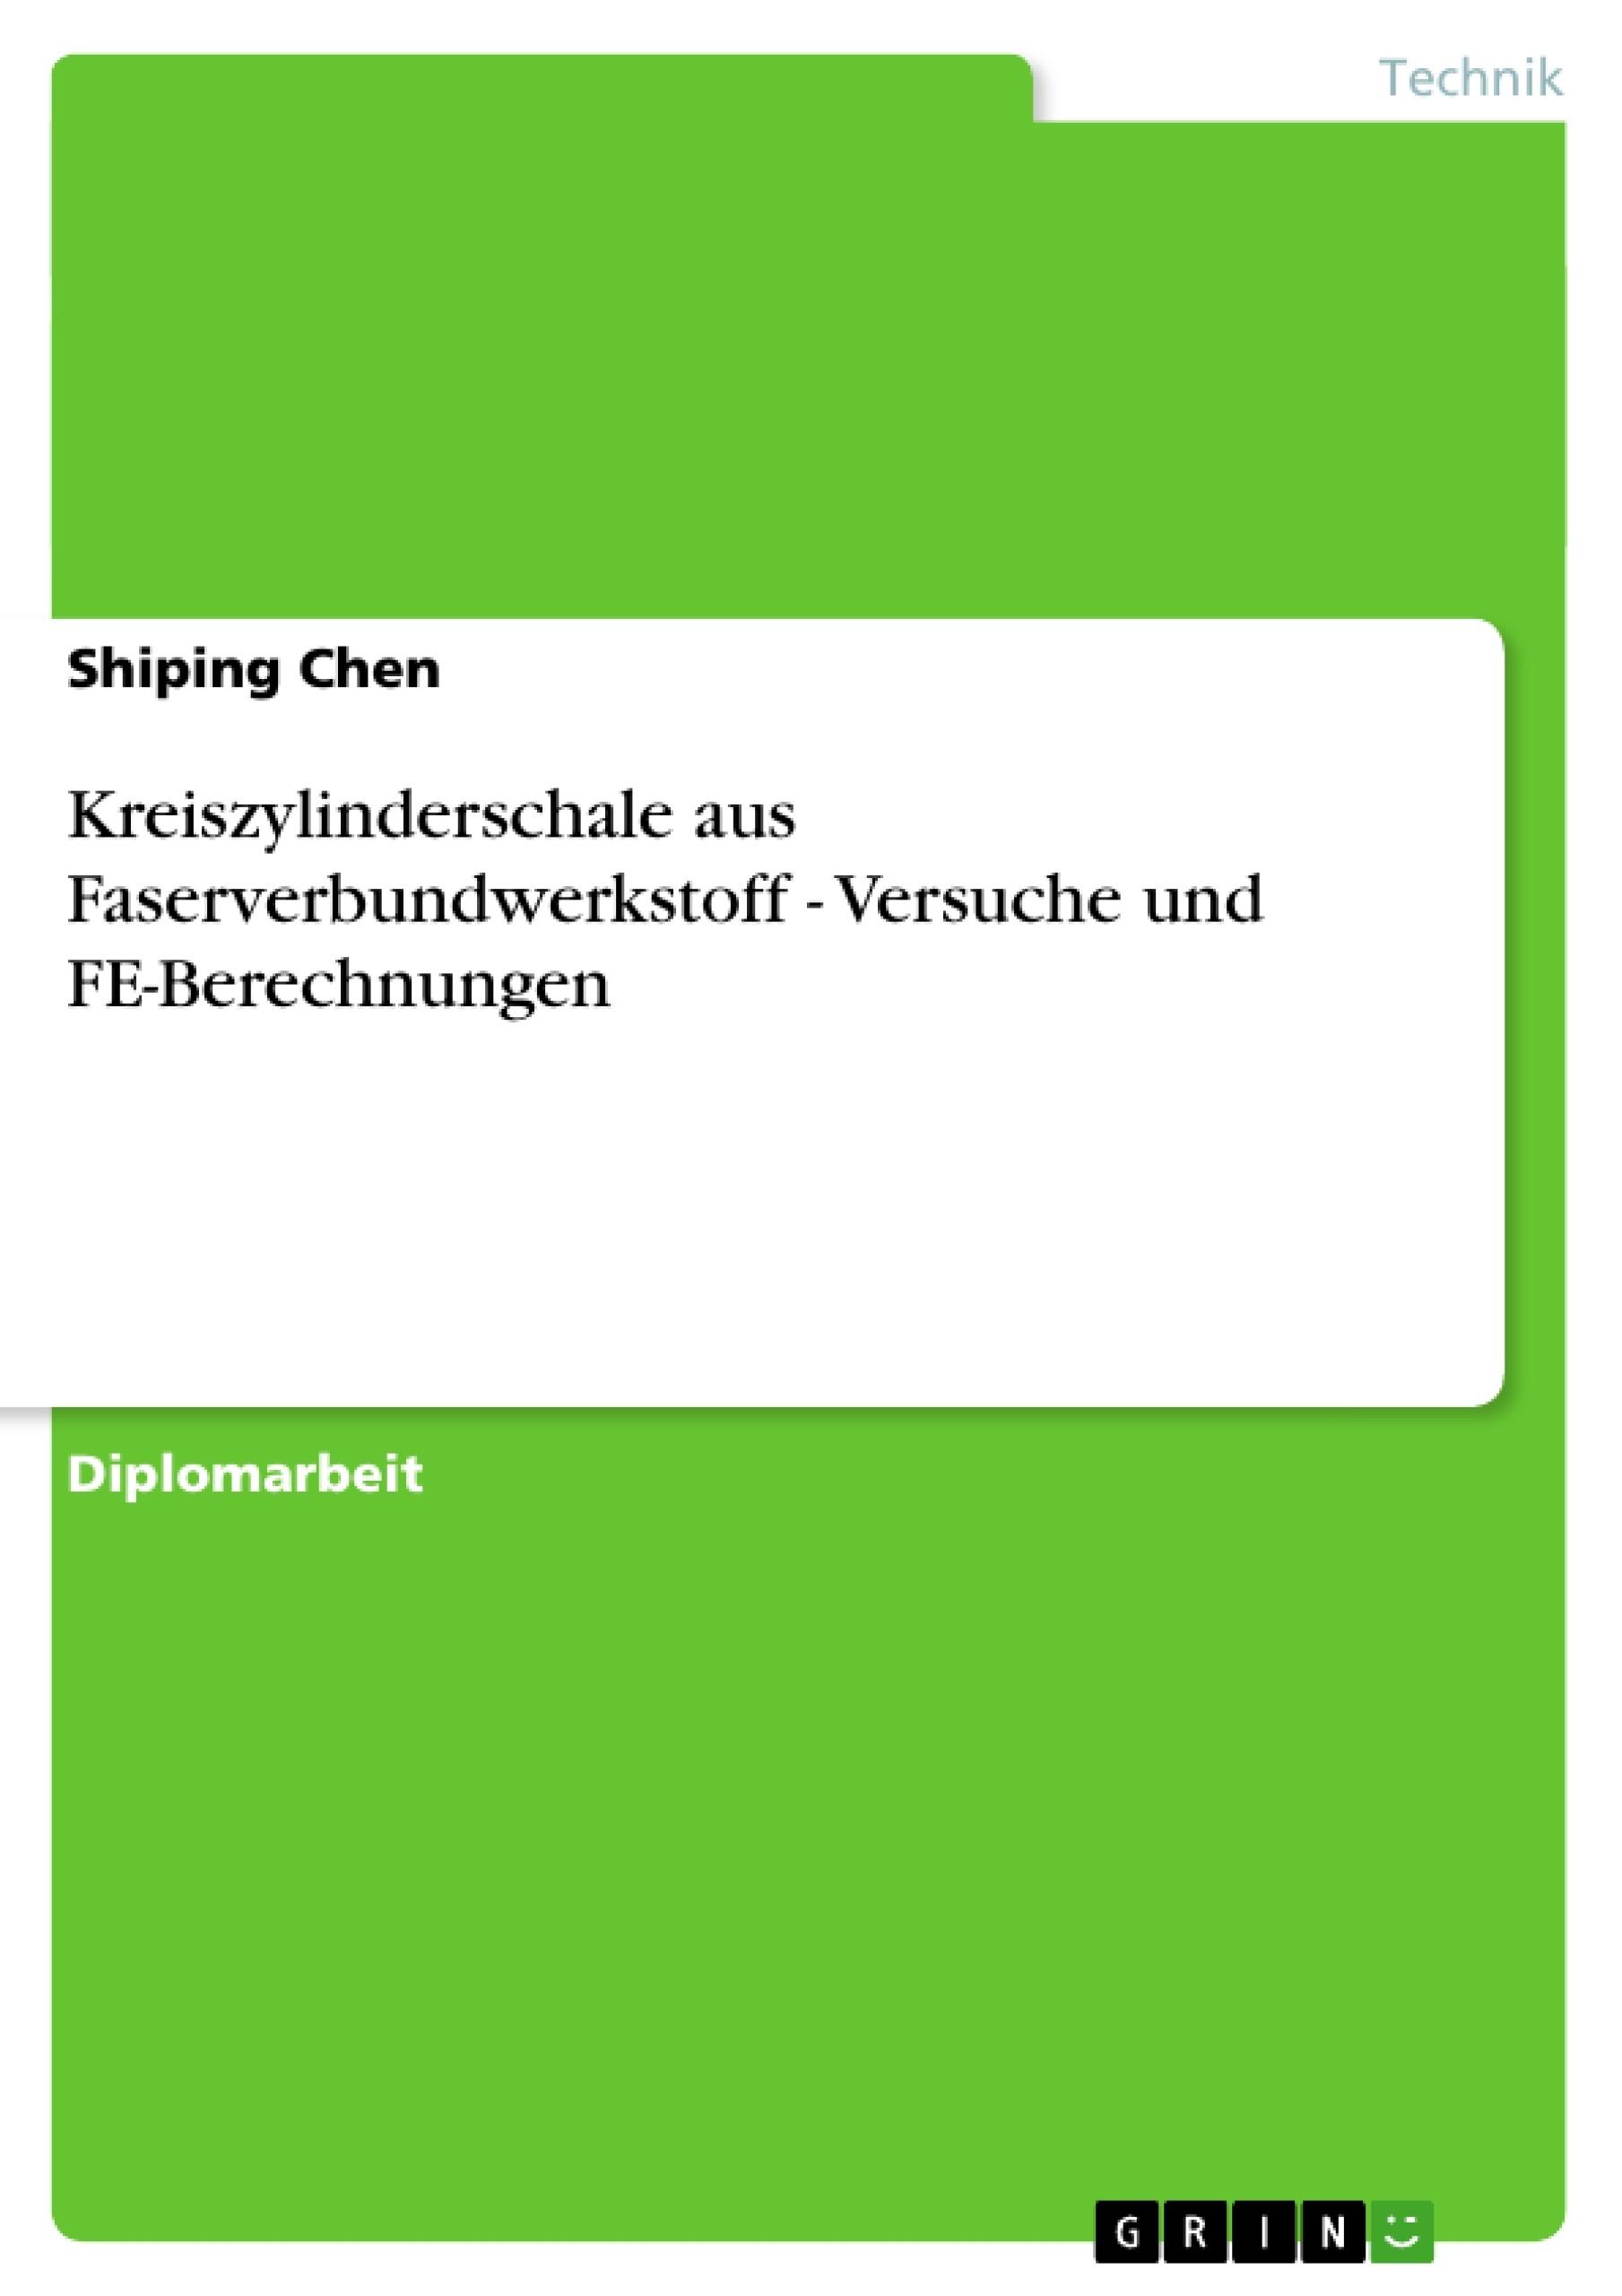 Titel: Kreiszylinderschale aus Faserverbundwerkstoff - Versuche und FE-Berechnungen